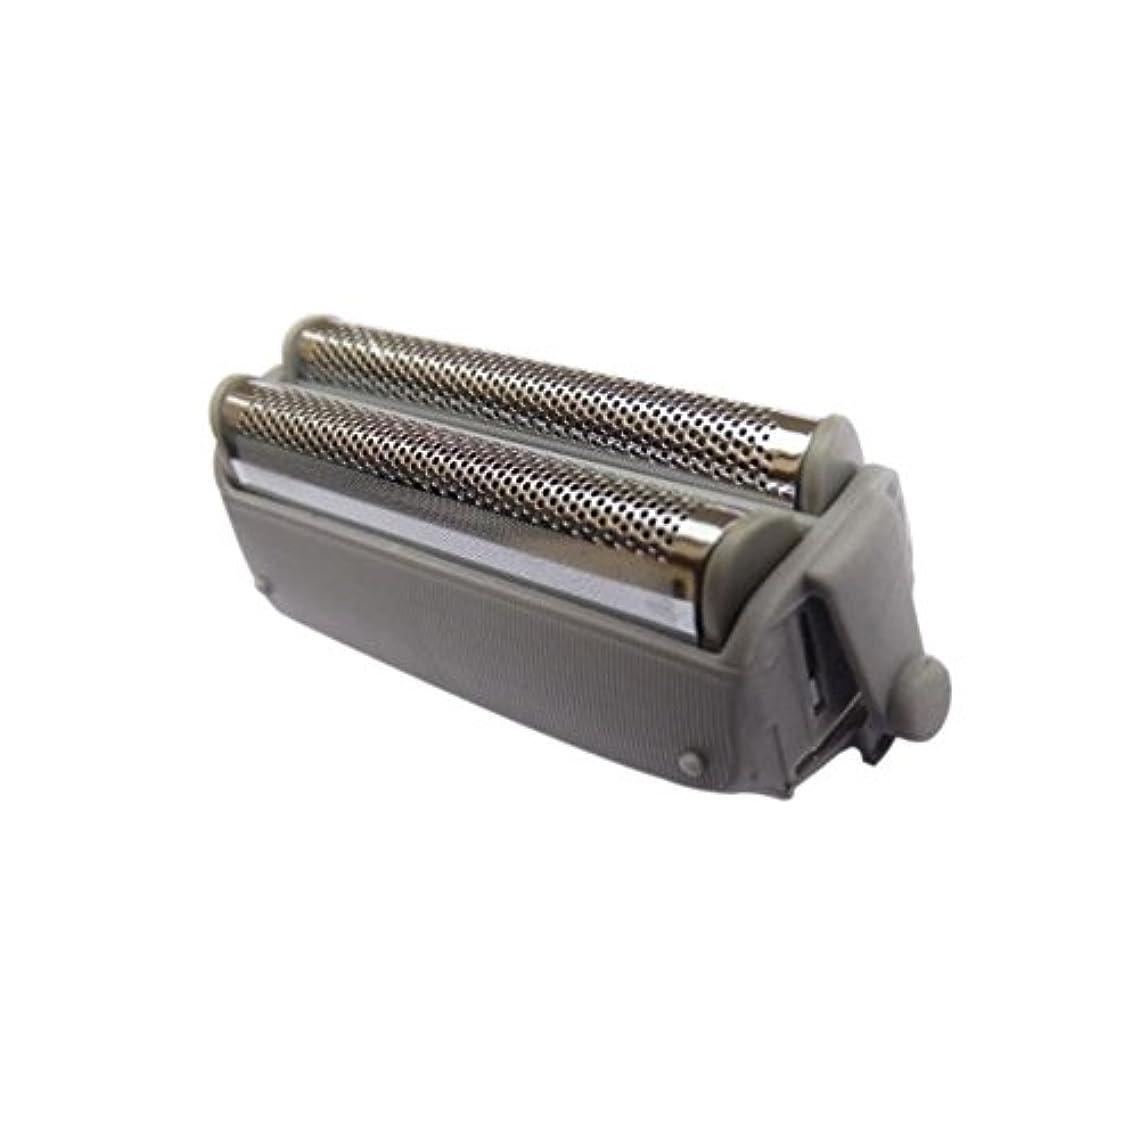 師匠租界管理するHZjundasi Replacement Outer ホイル for Panasonic RW30/ES719/726/4826/4853 ES9859